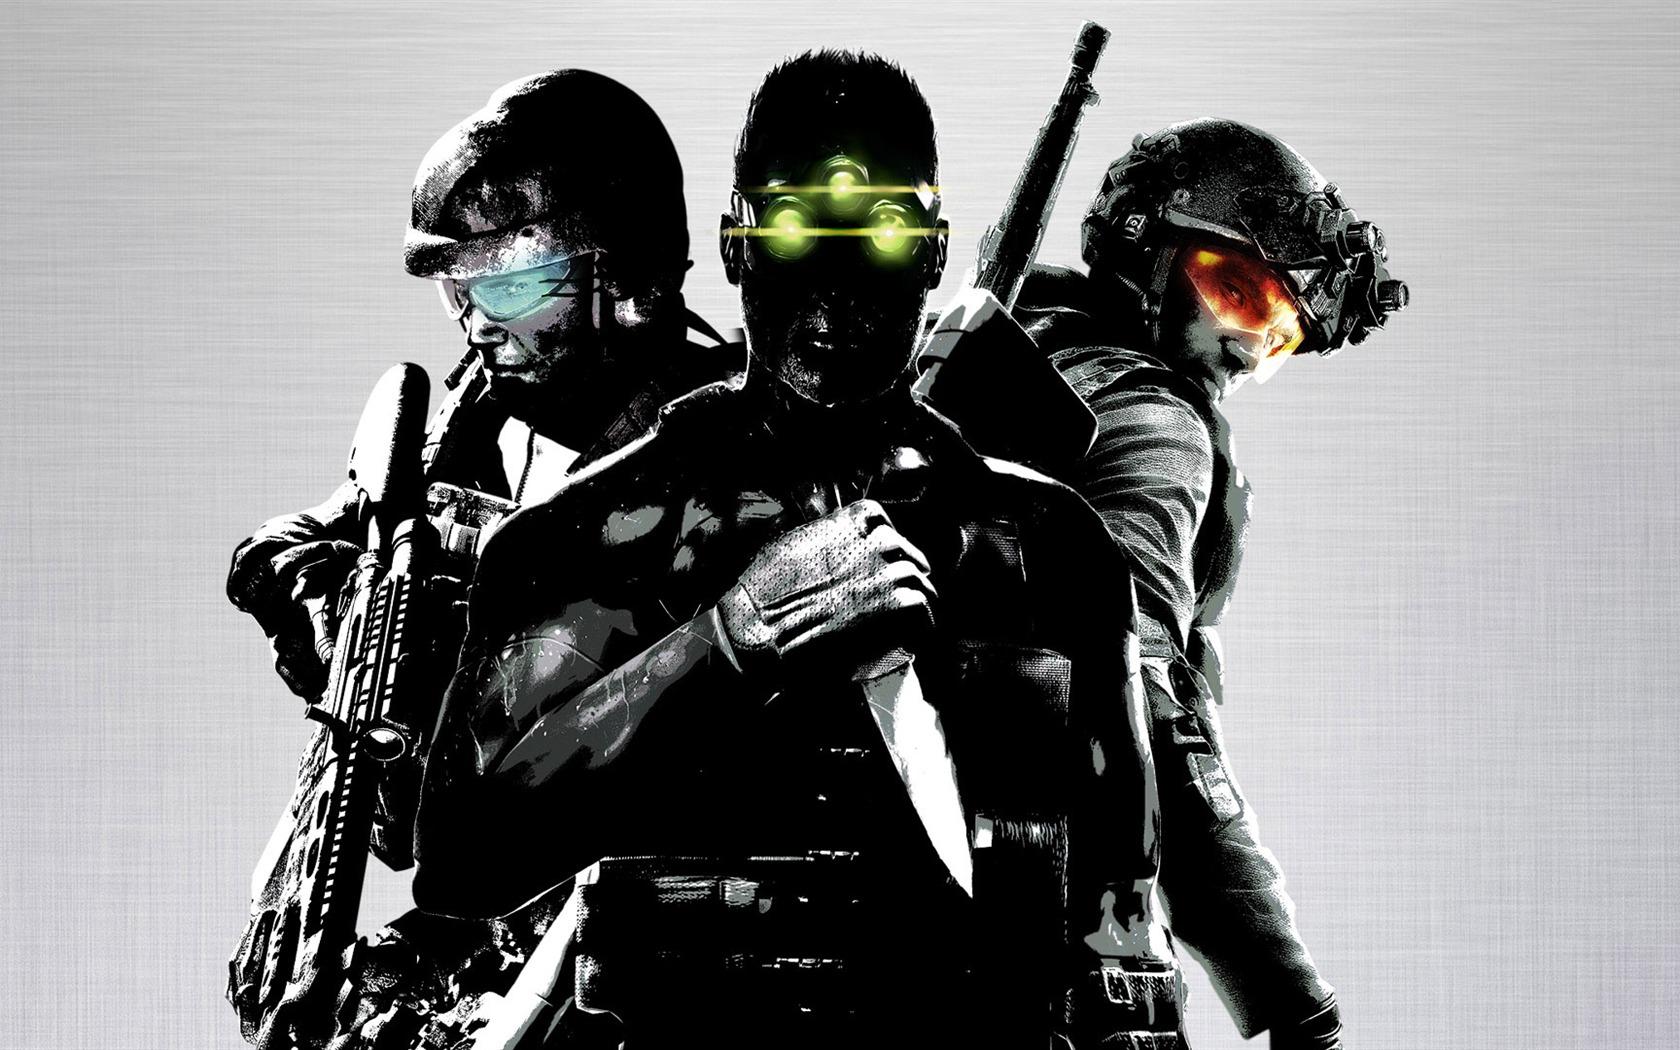 juegos fondos de pantalla hd 2 1680x1050 descripción warrior juegos ...